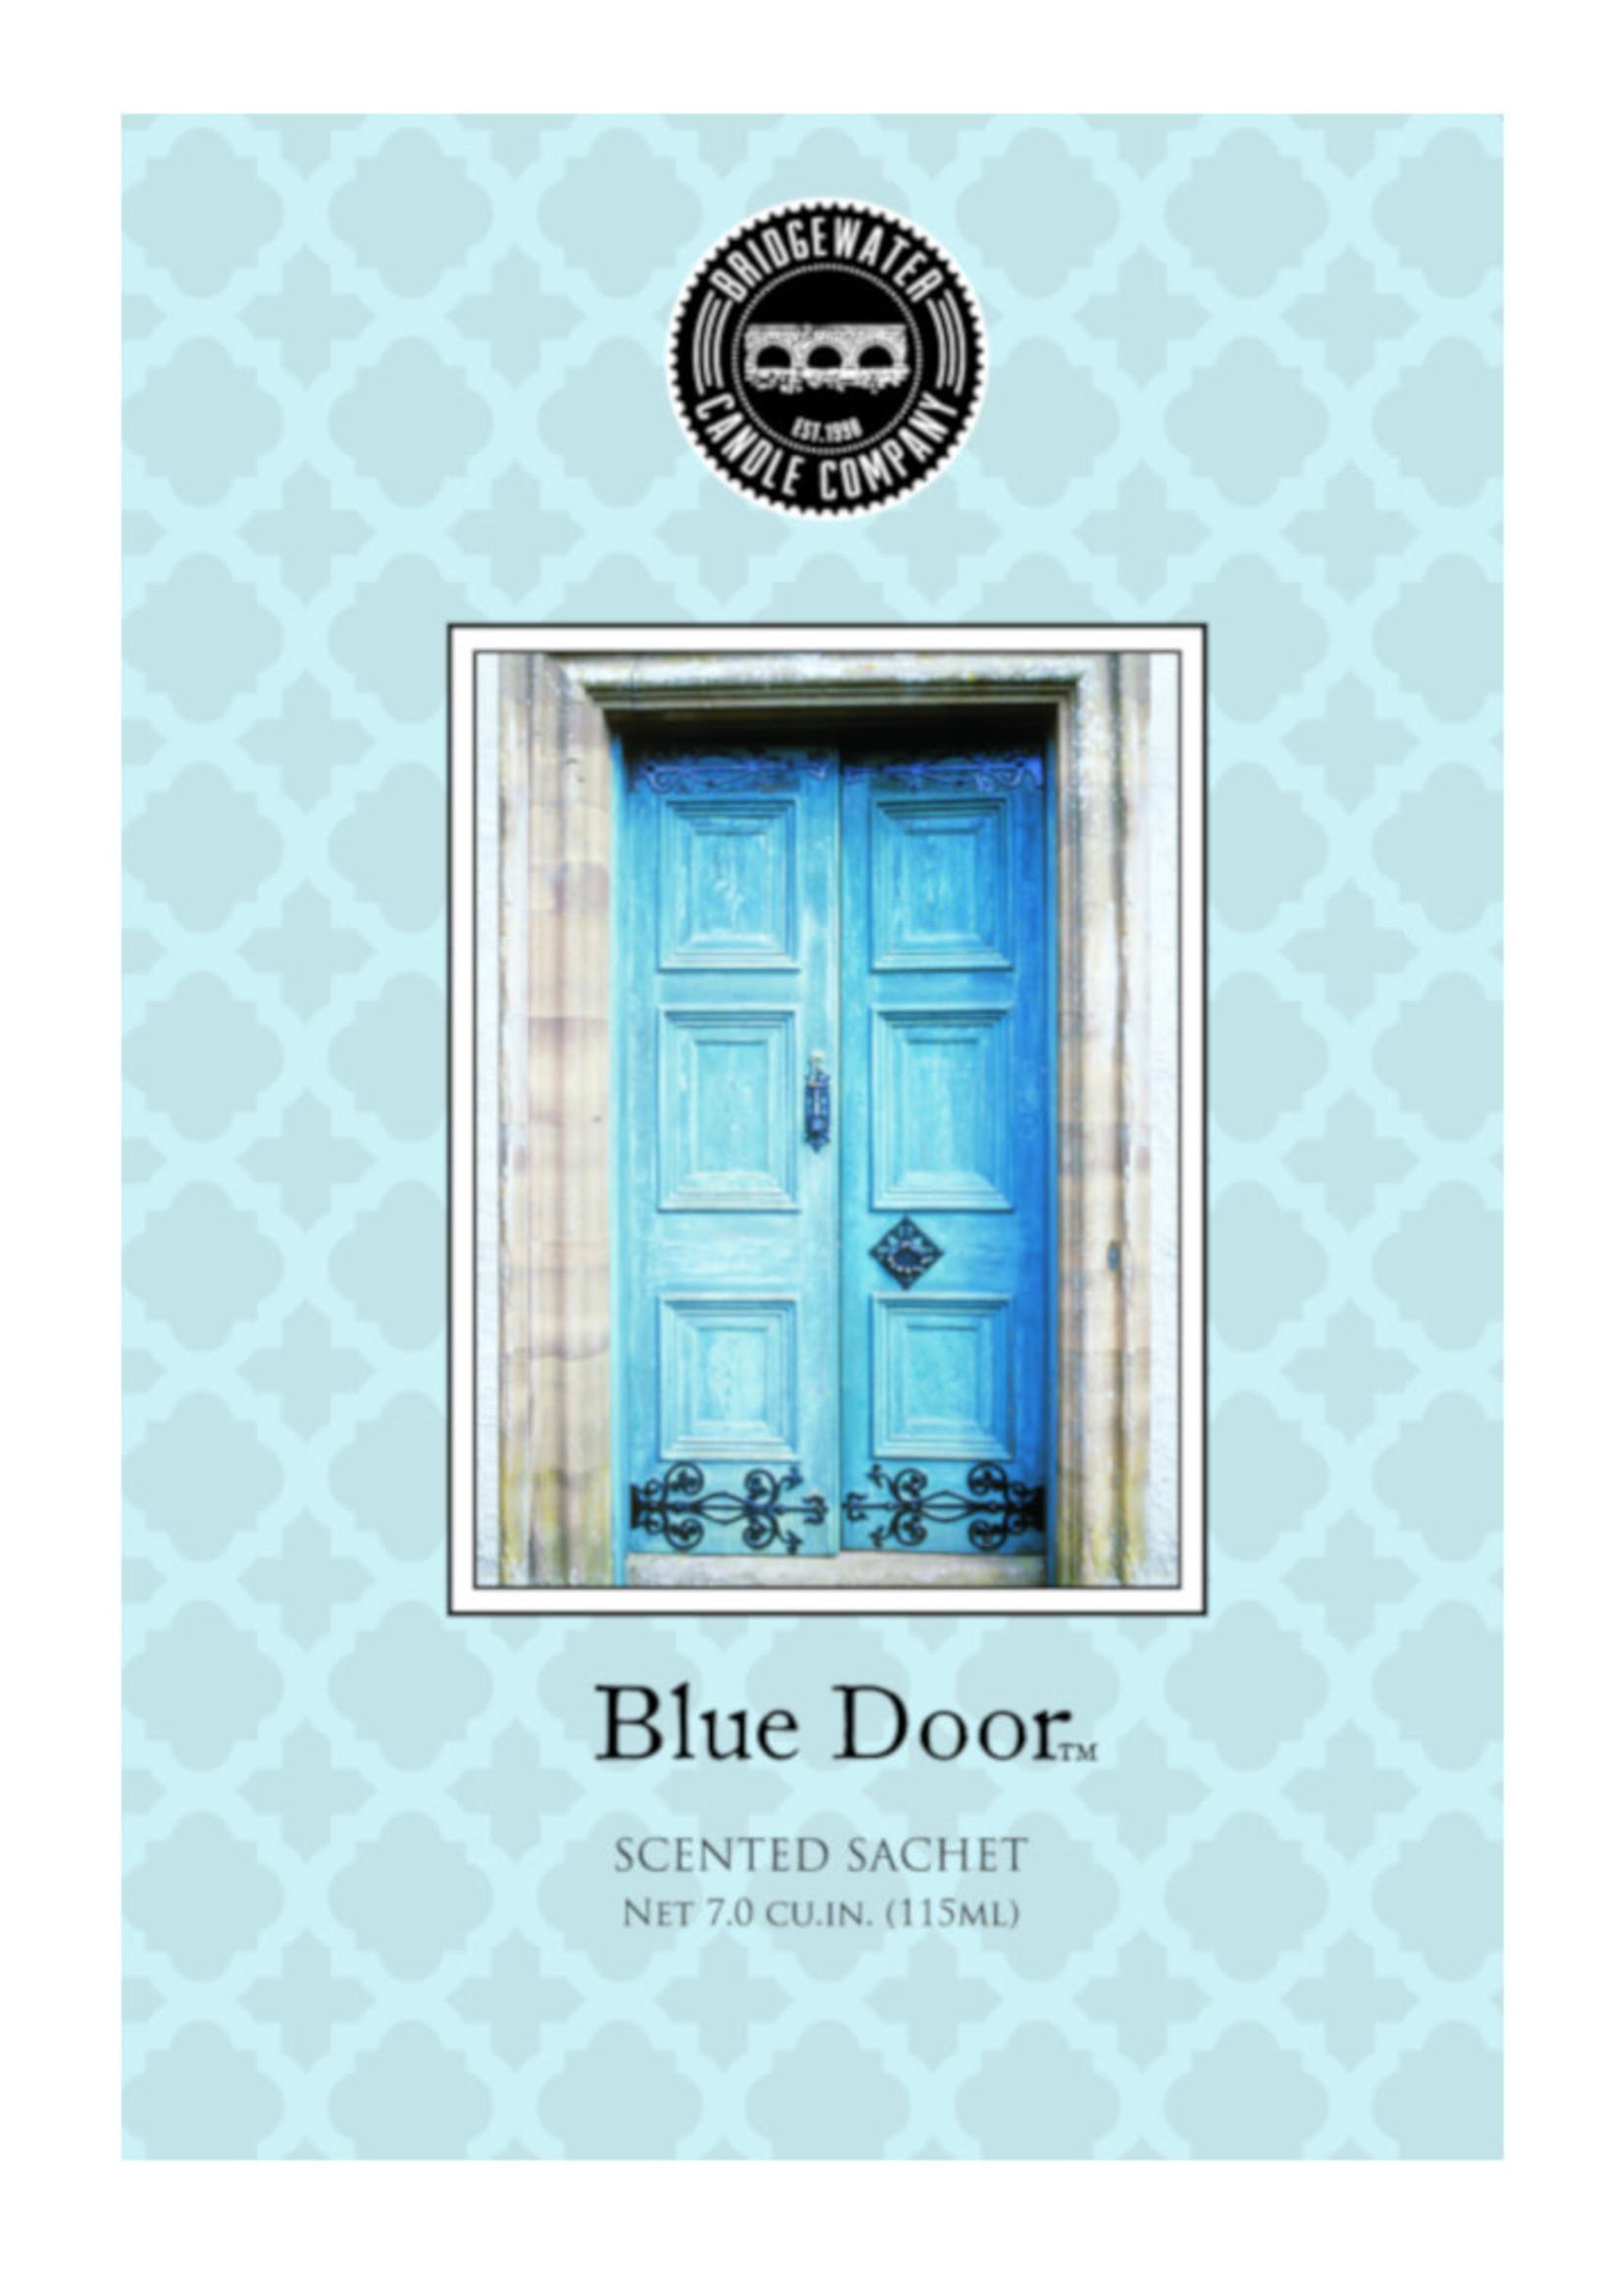 Scented Sachet Blue Door